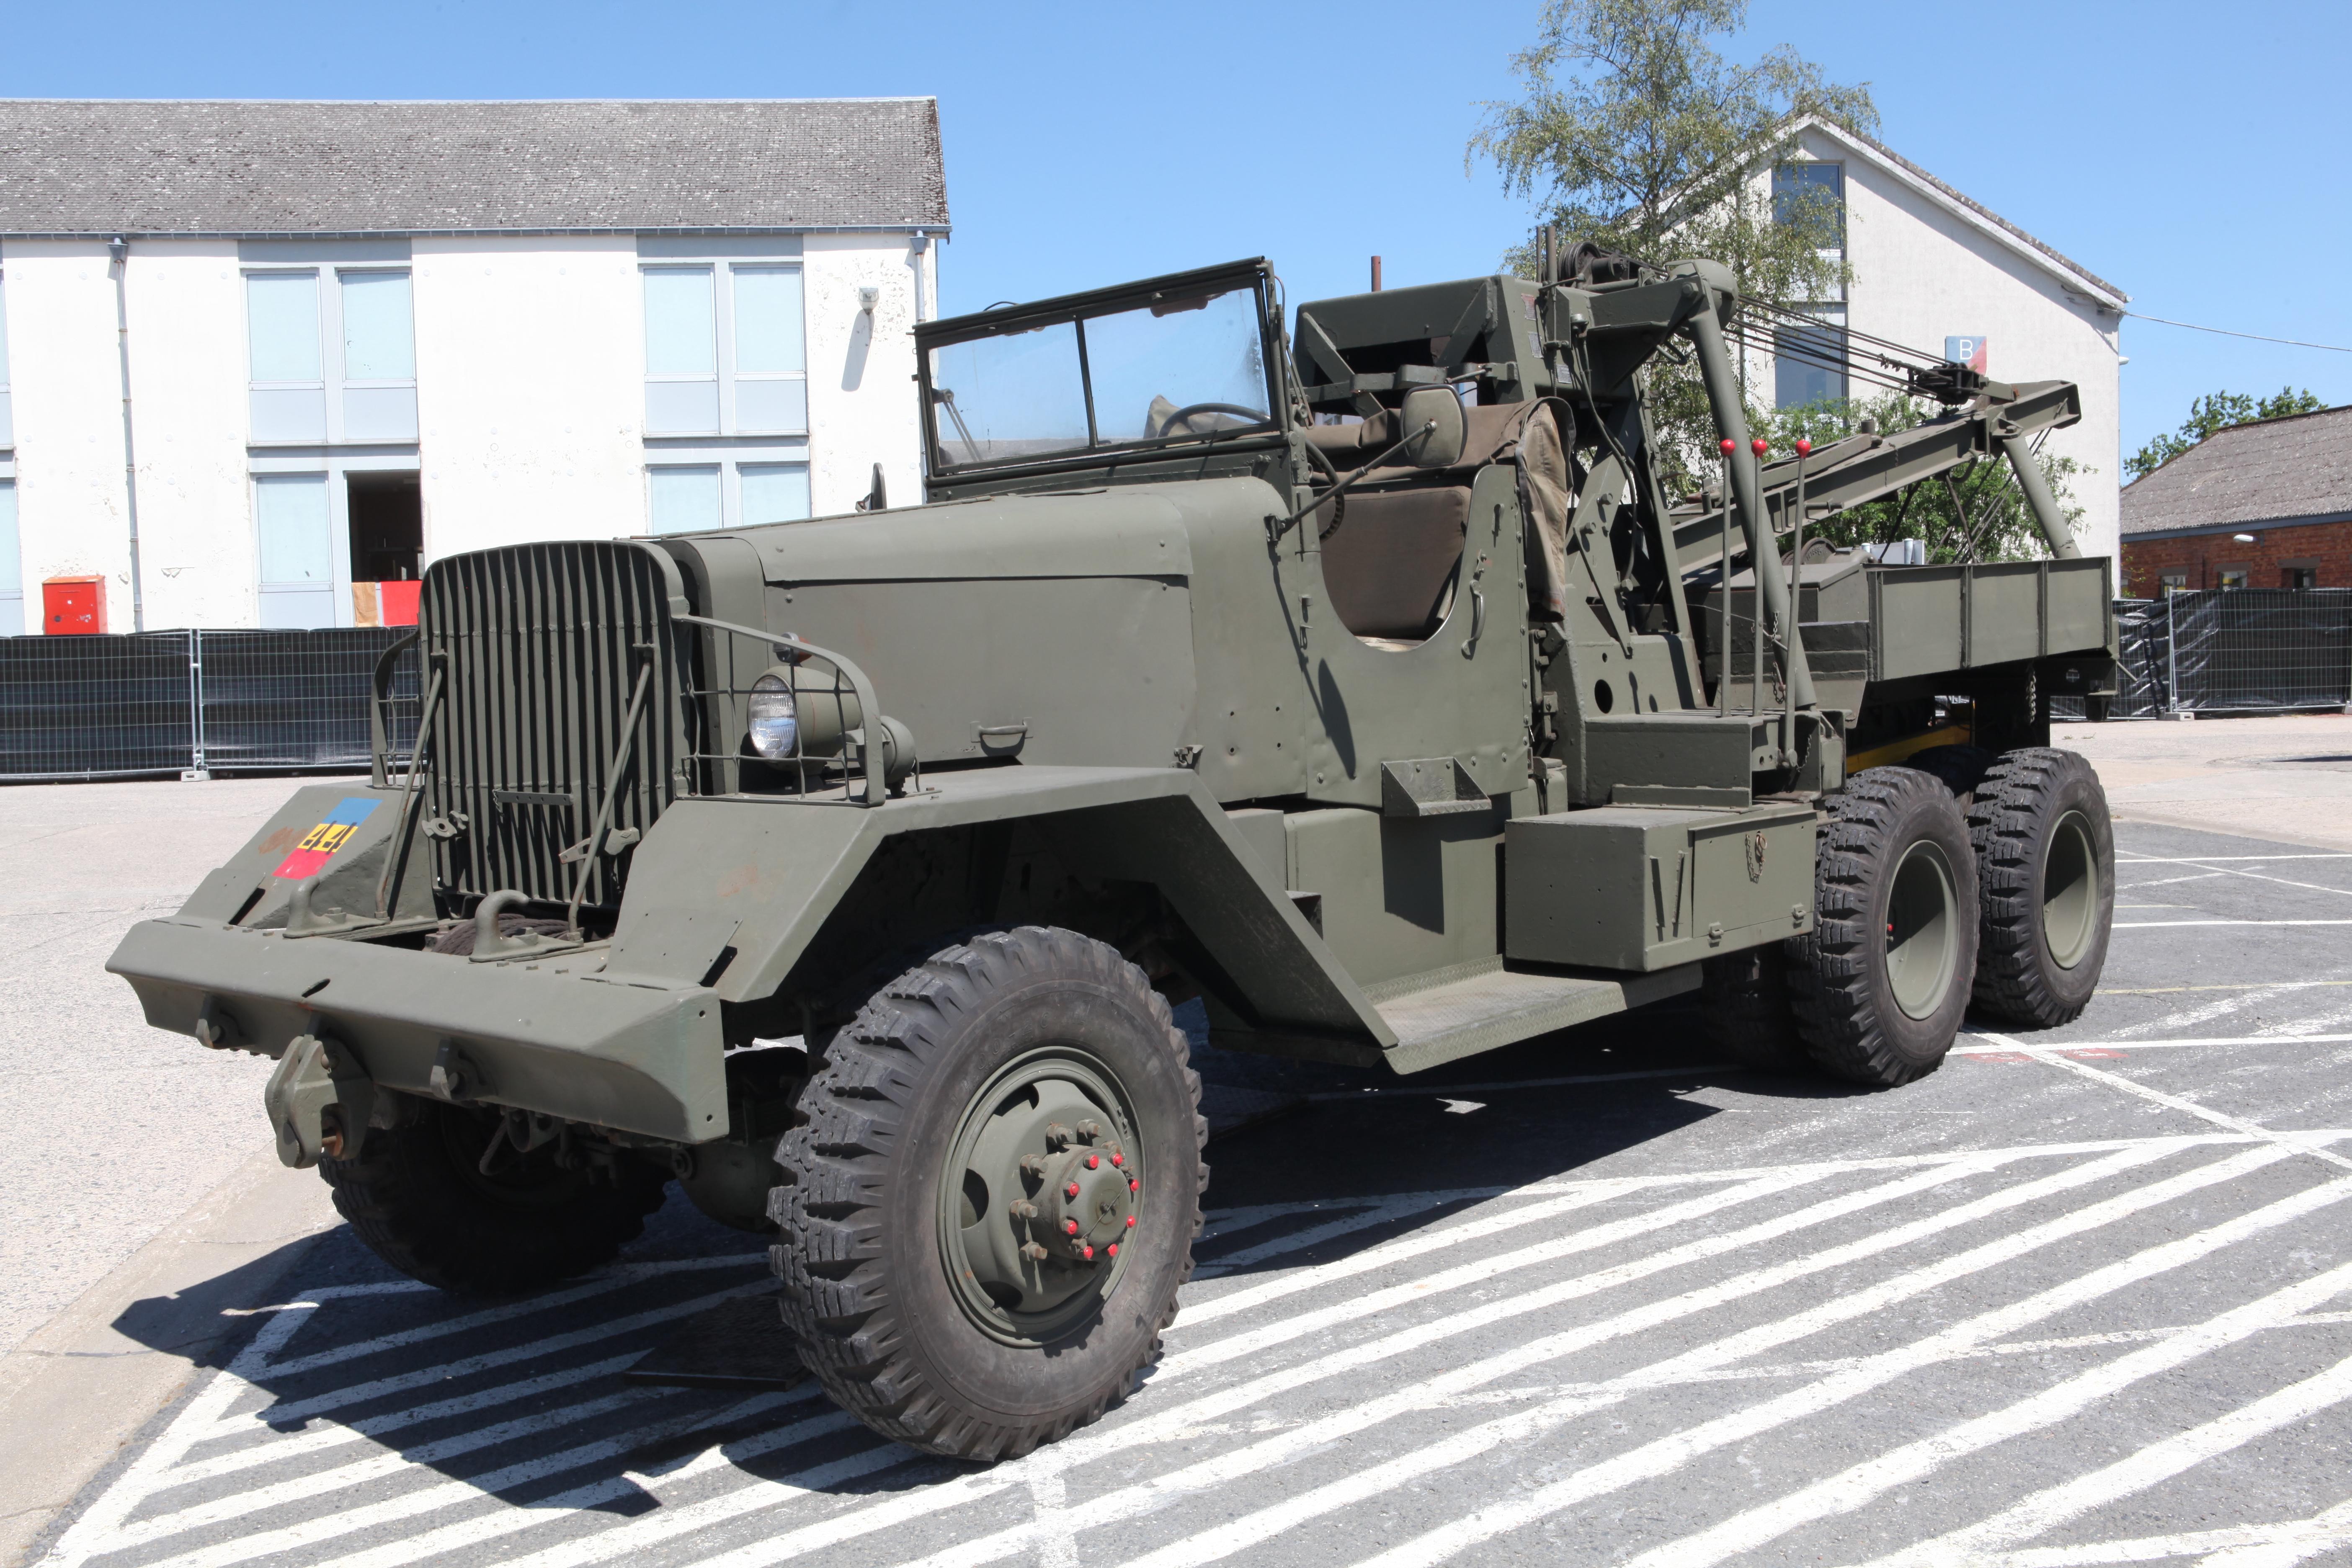 1940 Chevy Truck >> File:Ward La France M1A1 Heavy Wrecker - Flickr - Joost J. Bakker IJmuiden.jpg - Wikimedia Commons